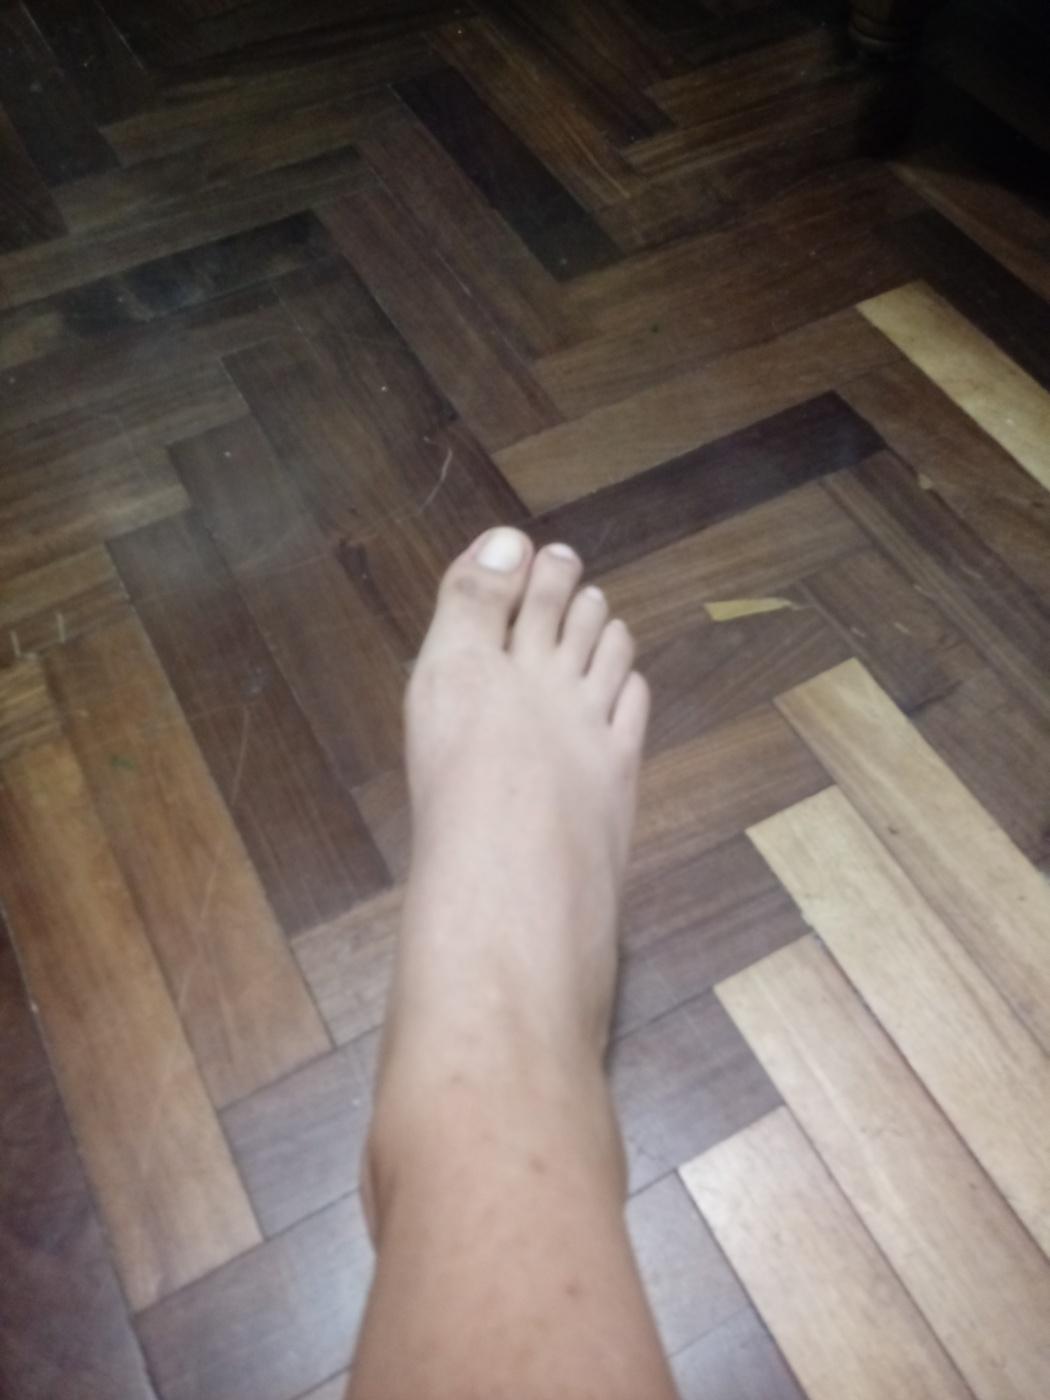 Fotos y video de mis pies - 1